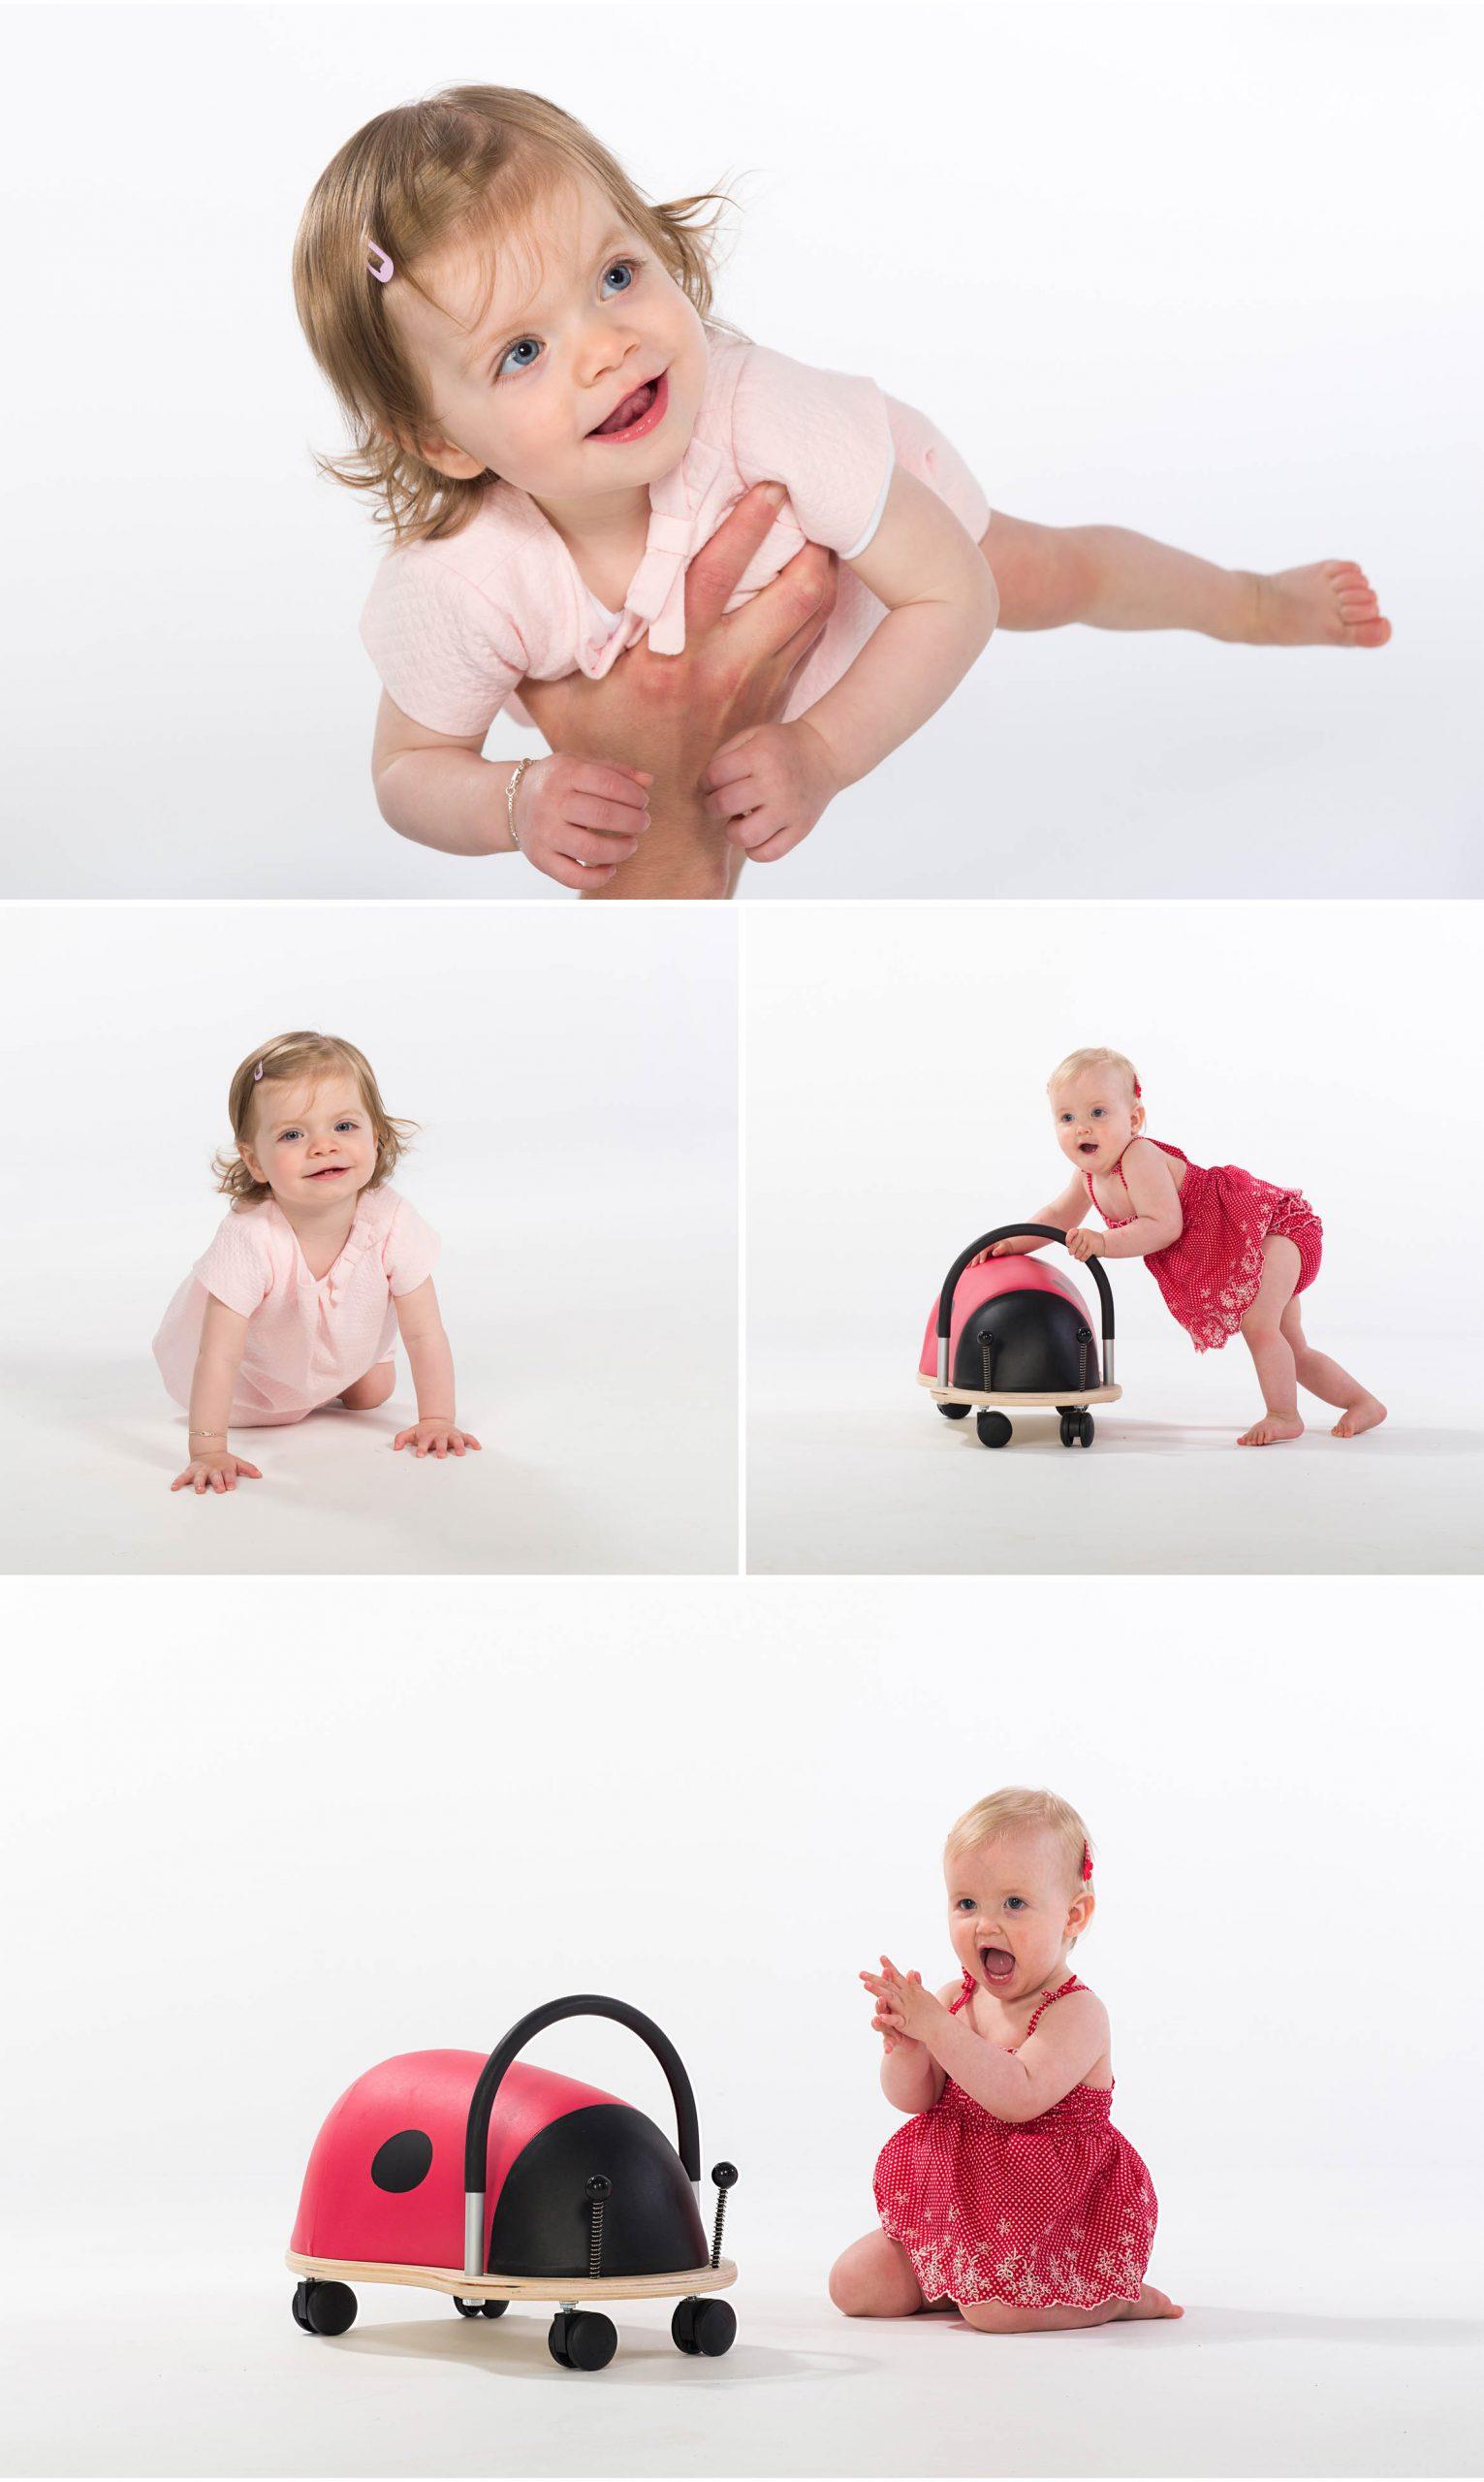 kinderen op foto